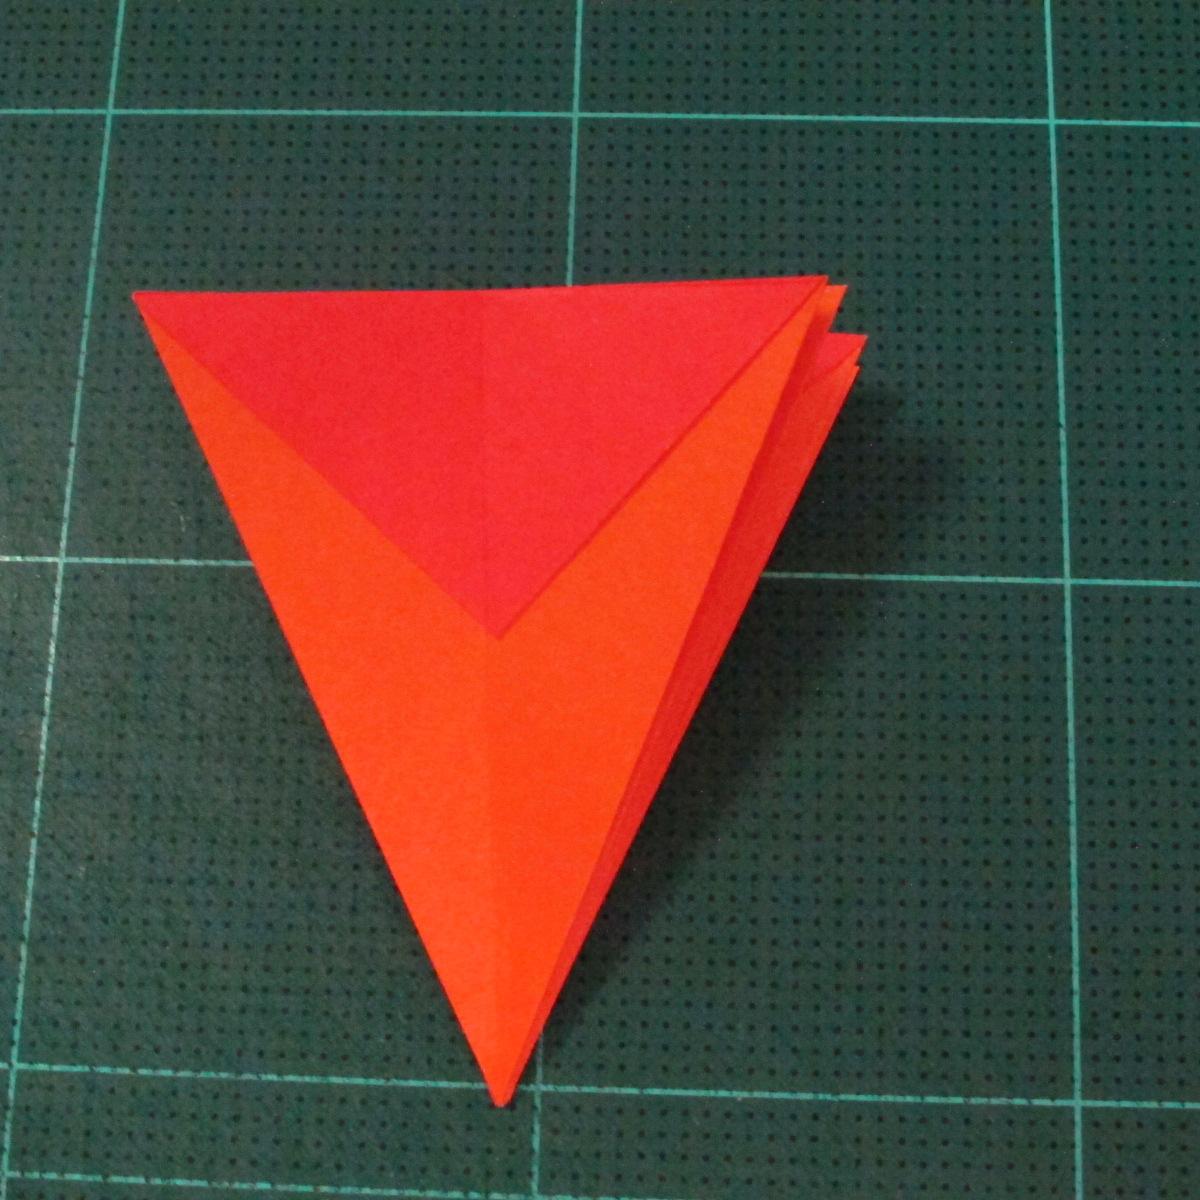 วิธีพับกระดาษเป็นช่อดอกไม้ติดอกเสื้อ (Origami Wedding Chest Flower) 012